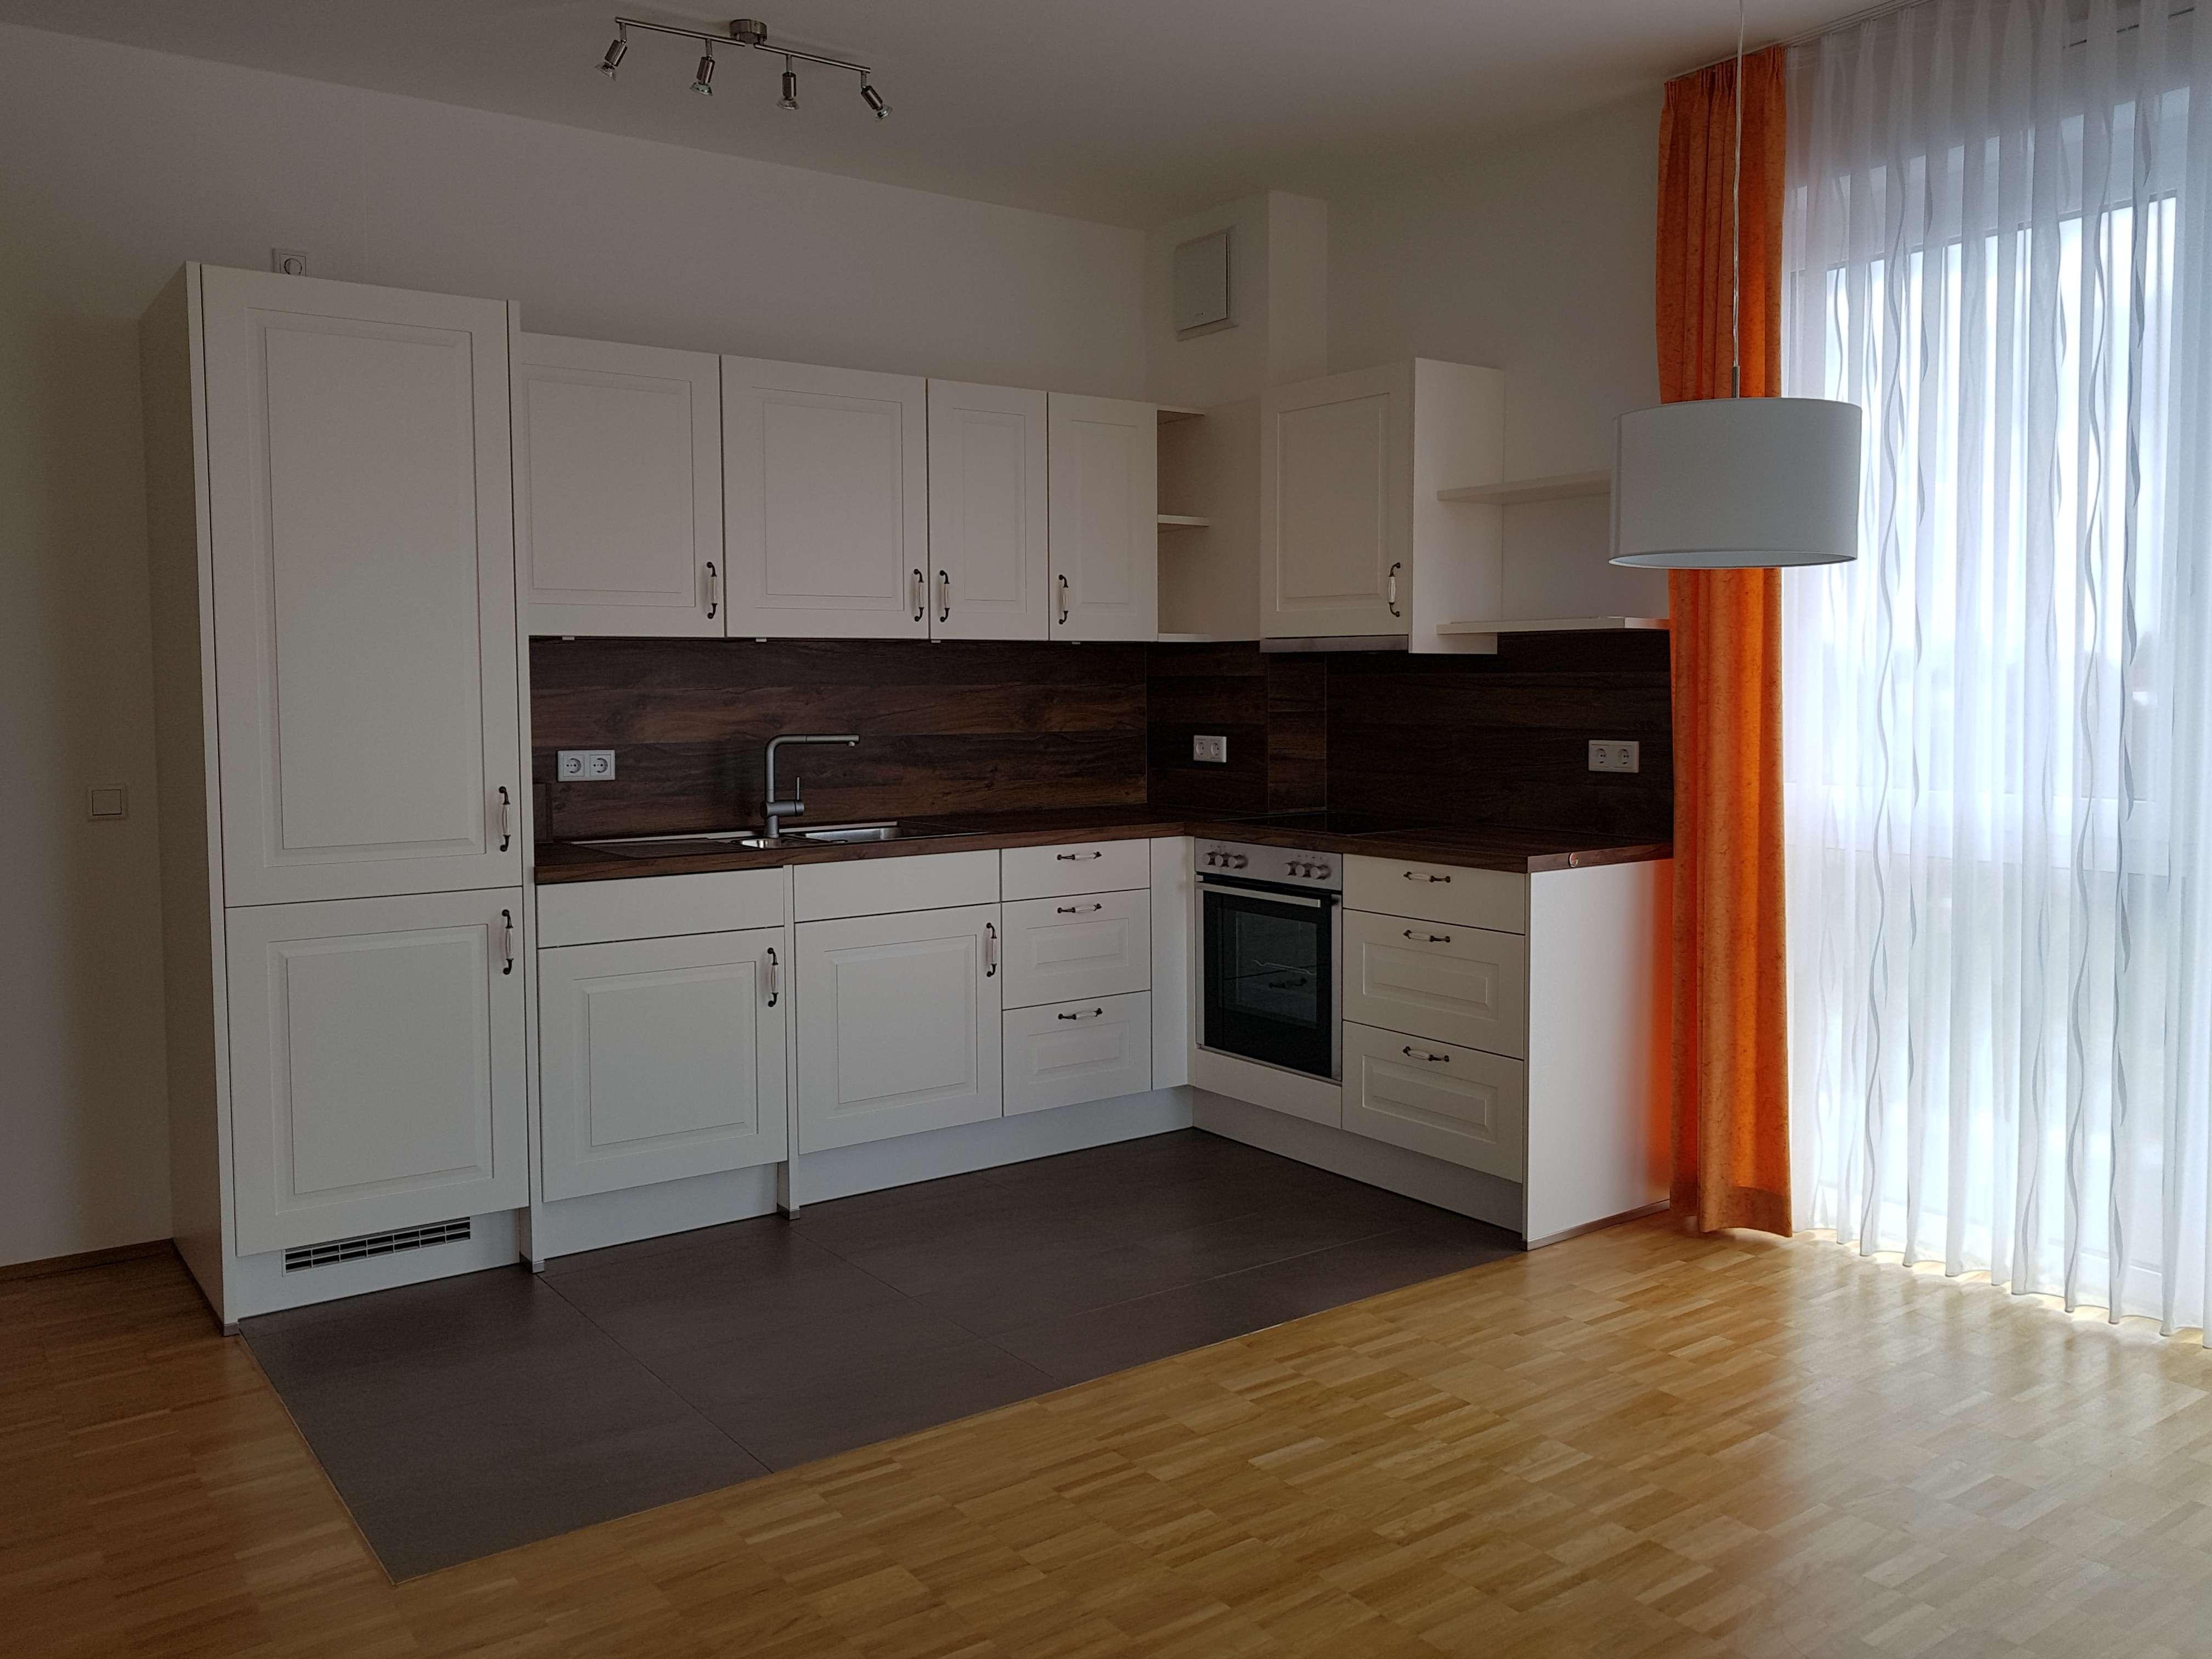 attraktive 1-Zimmer-Wohnung mit Einbauküche, Waschtrockner und Balkon in Falkenstraße, Bergtheim in